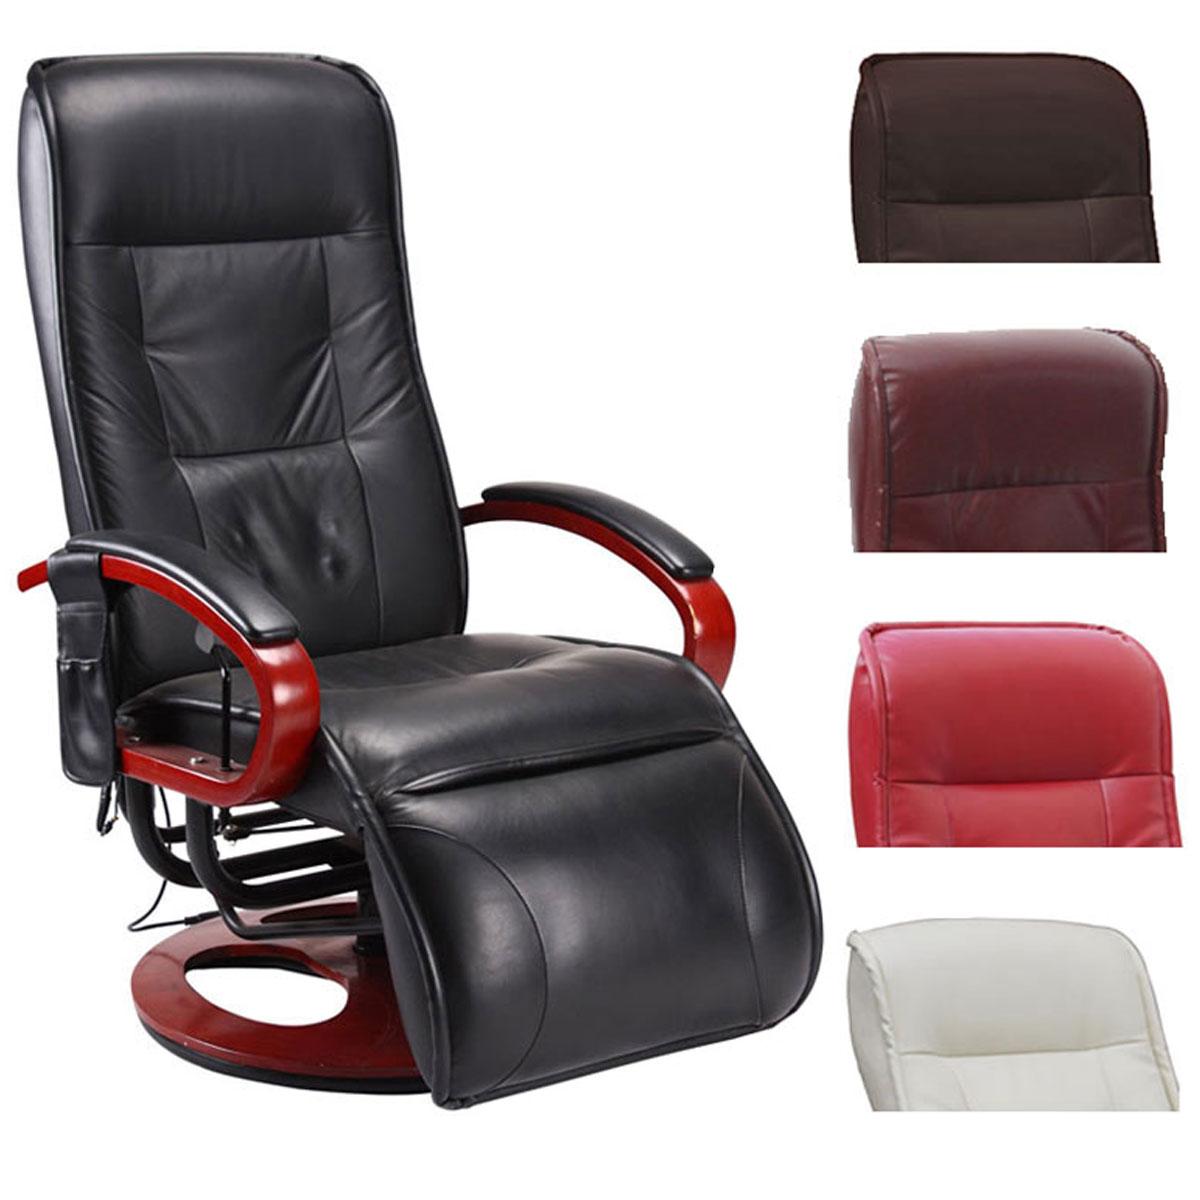 relaxliege arles ii relaxsessel mit massagefunktion leder oder kunstleder ebay. Black Bedroom Furniture Sets. Home Design Ideas